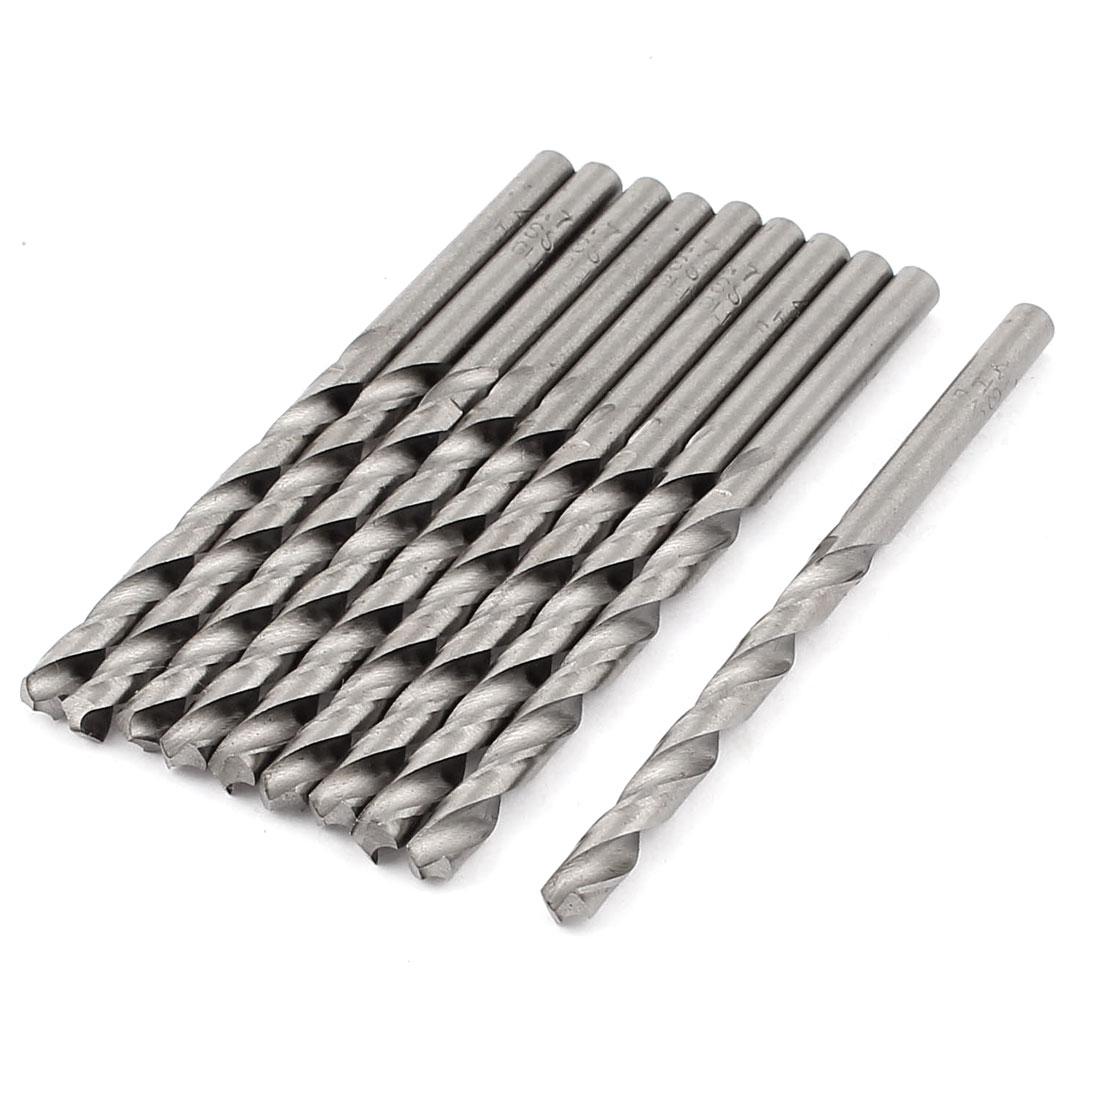 10Pcs 4.7mm x 55mm Straight Shank HSS Woodworking Twist Drill Bit